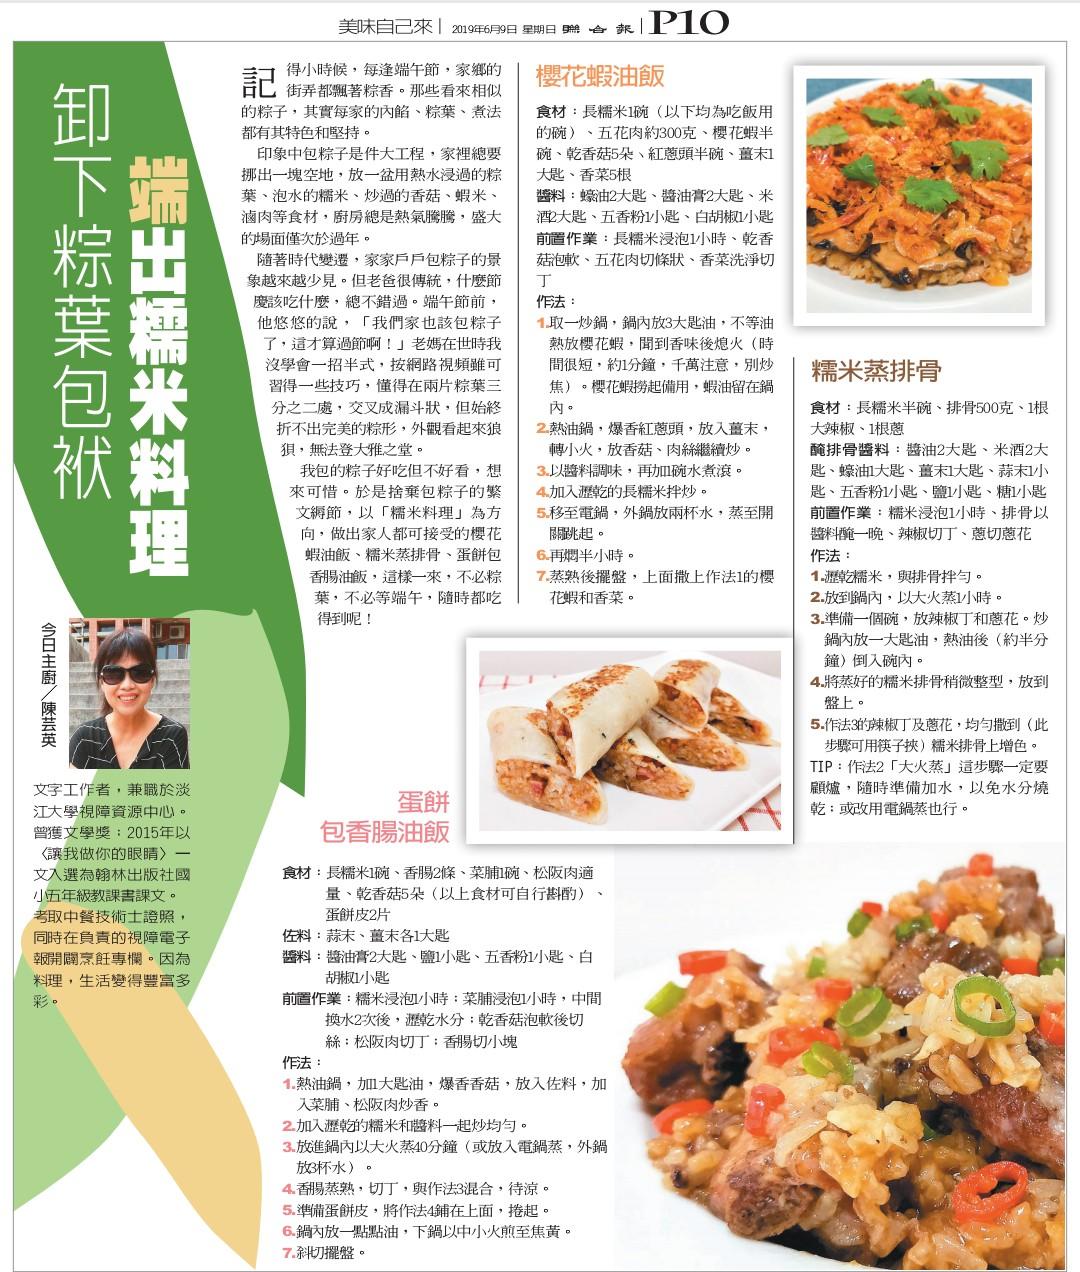 1聯合報週日推出的「元氣週報」,介紹了三道我做的「糯米」料理。